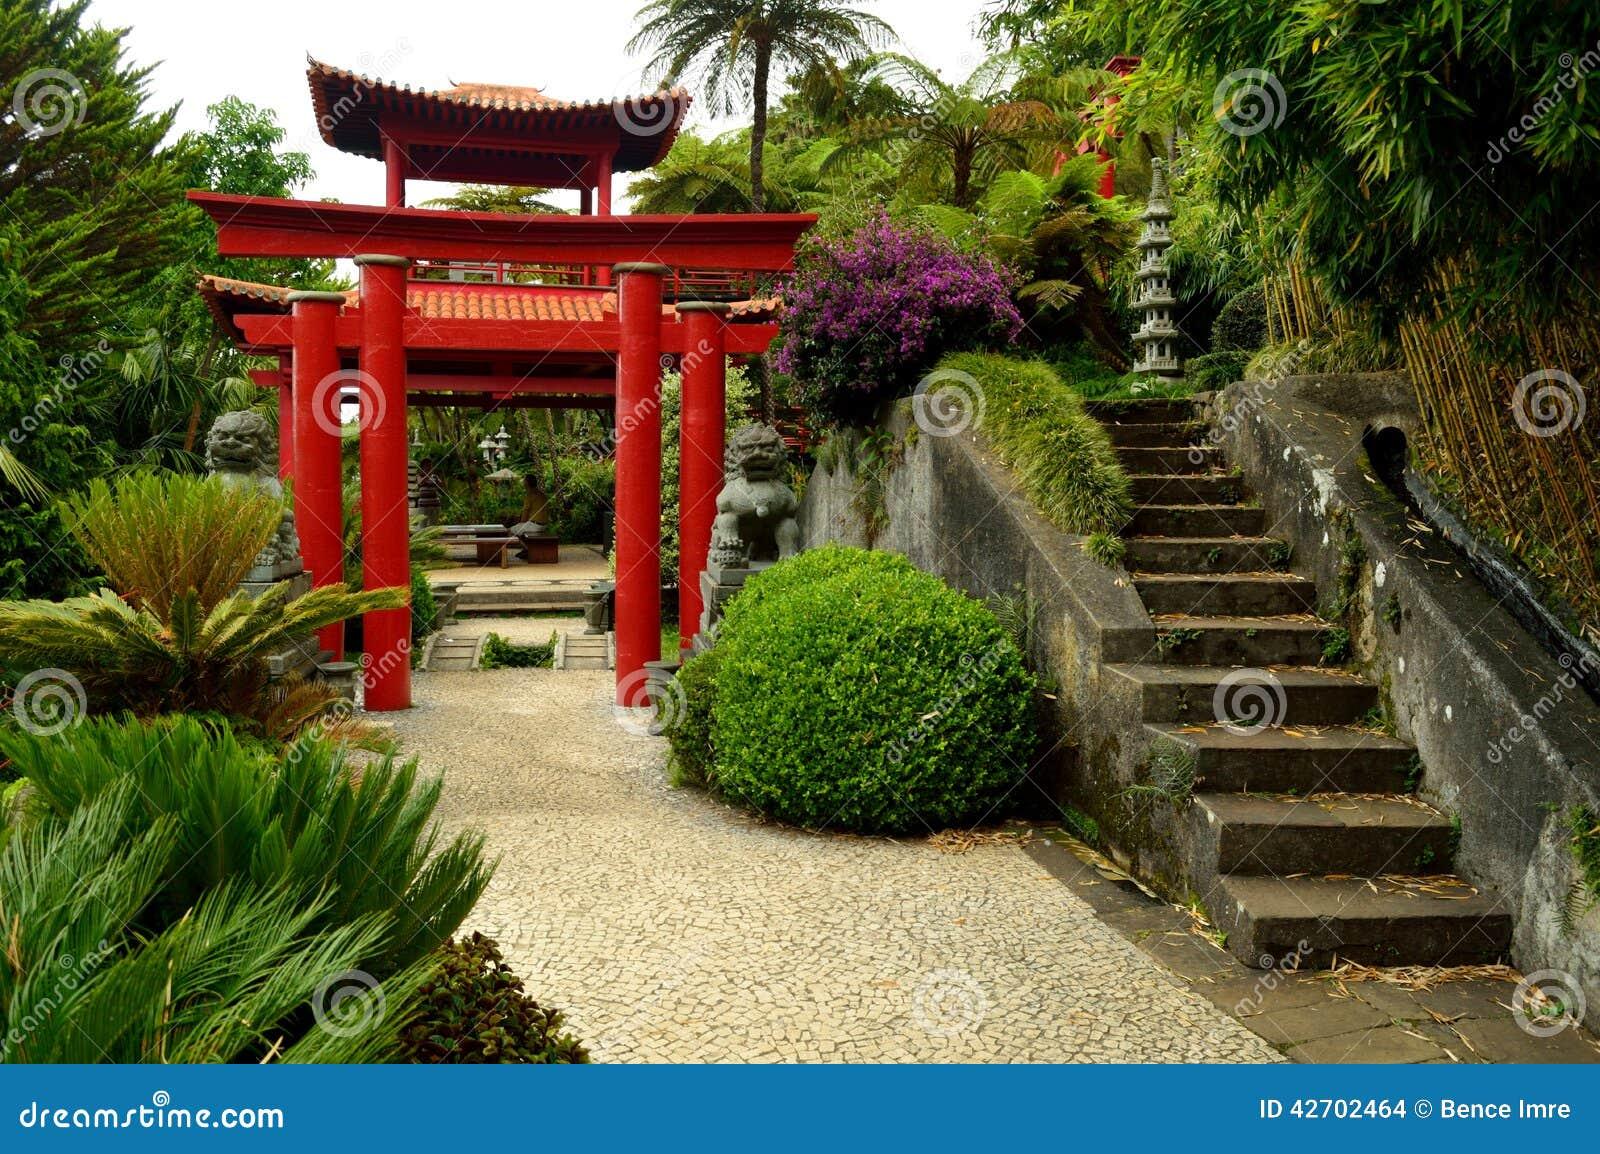 Porte japonaise au jardin tropical de monte palace photo for Porte exterieur de jardin